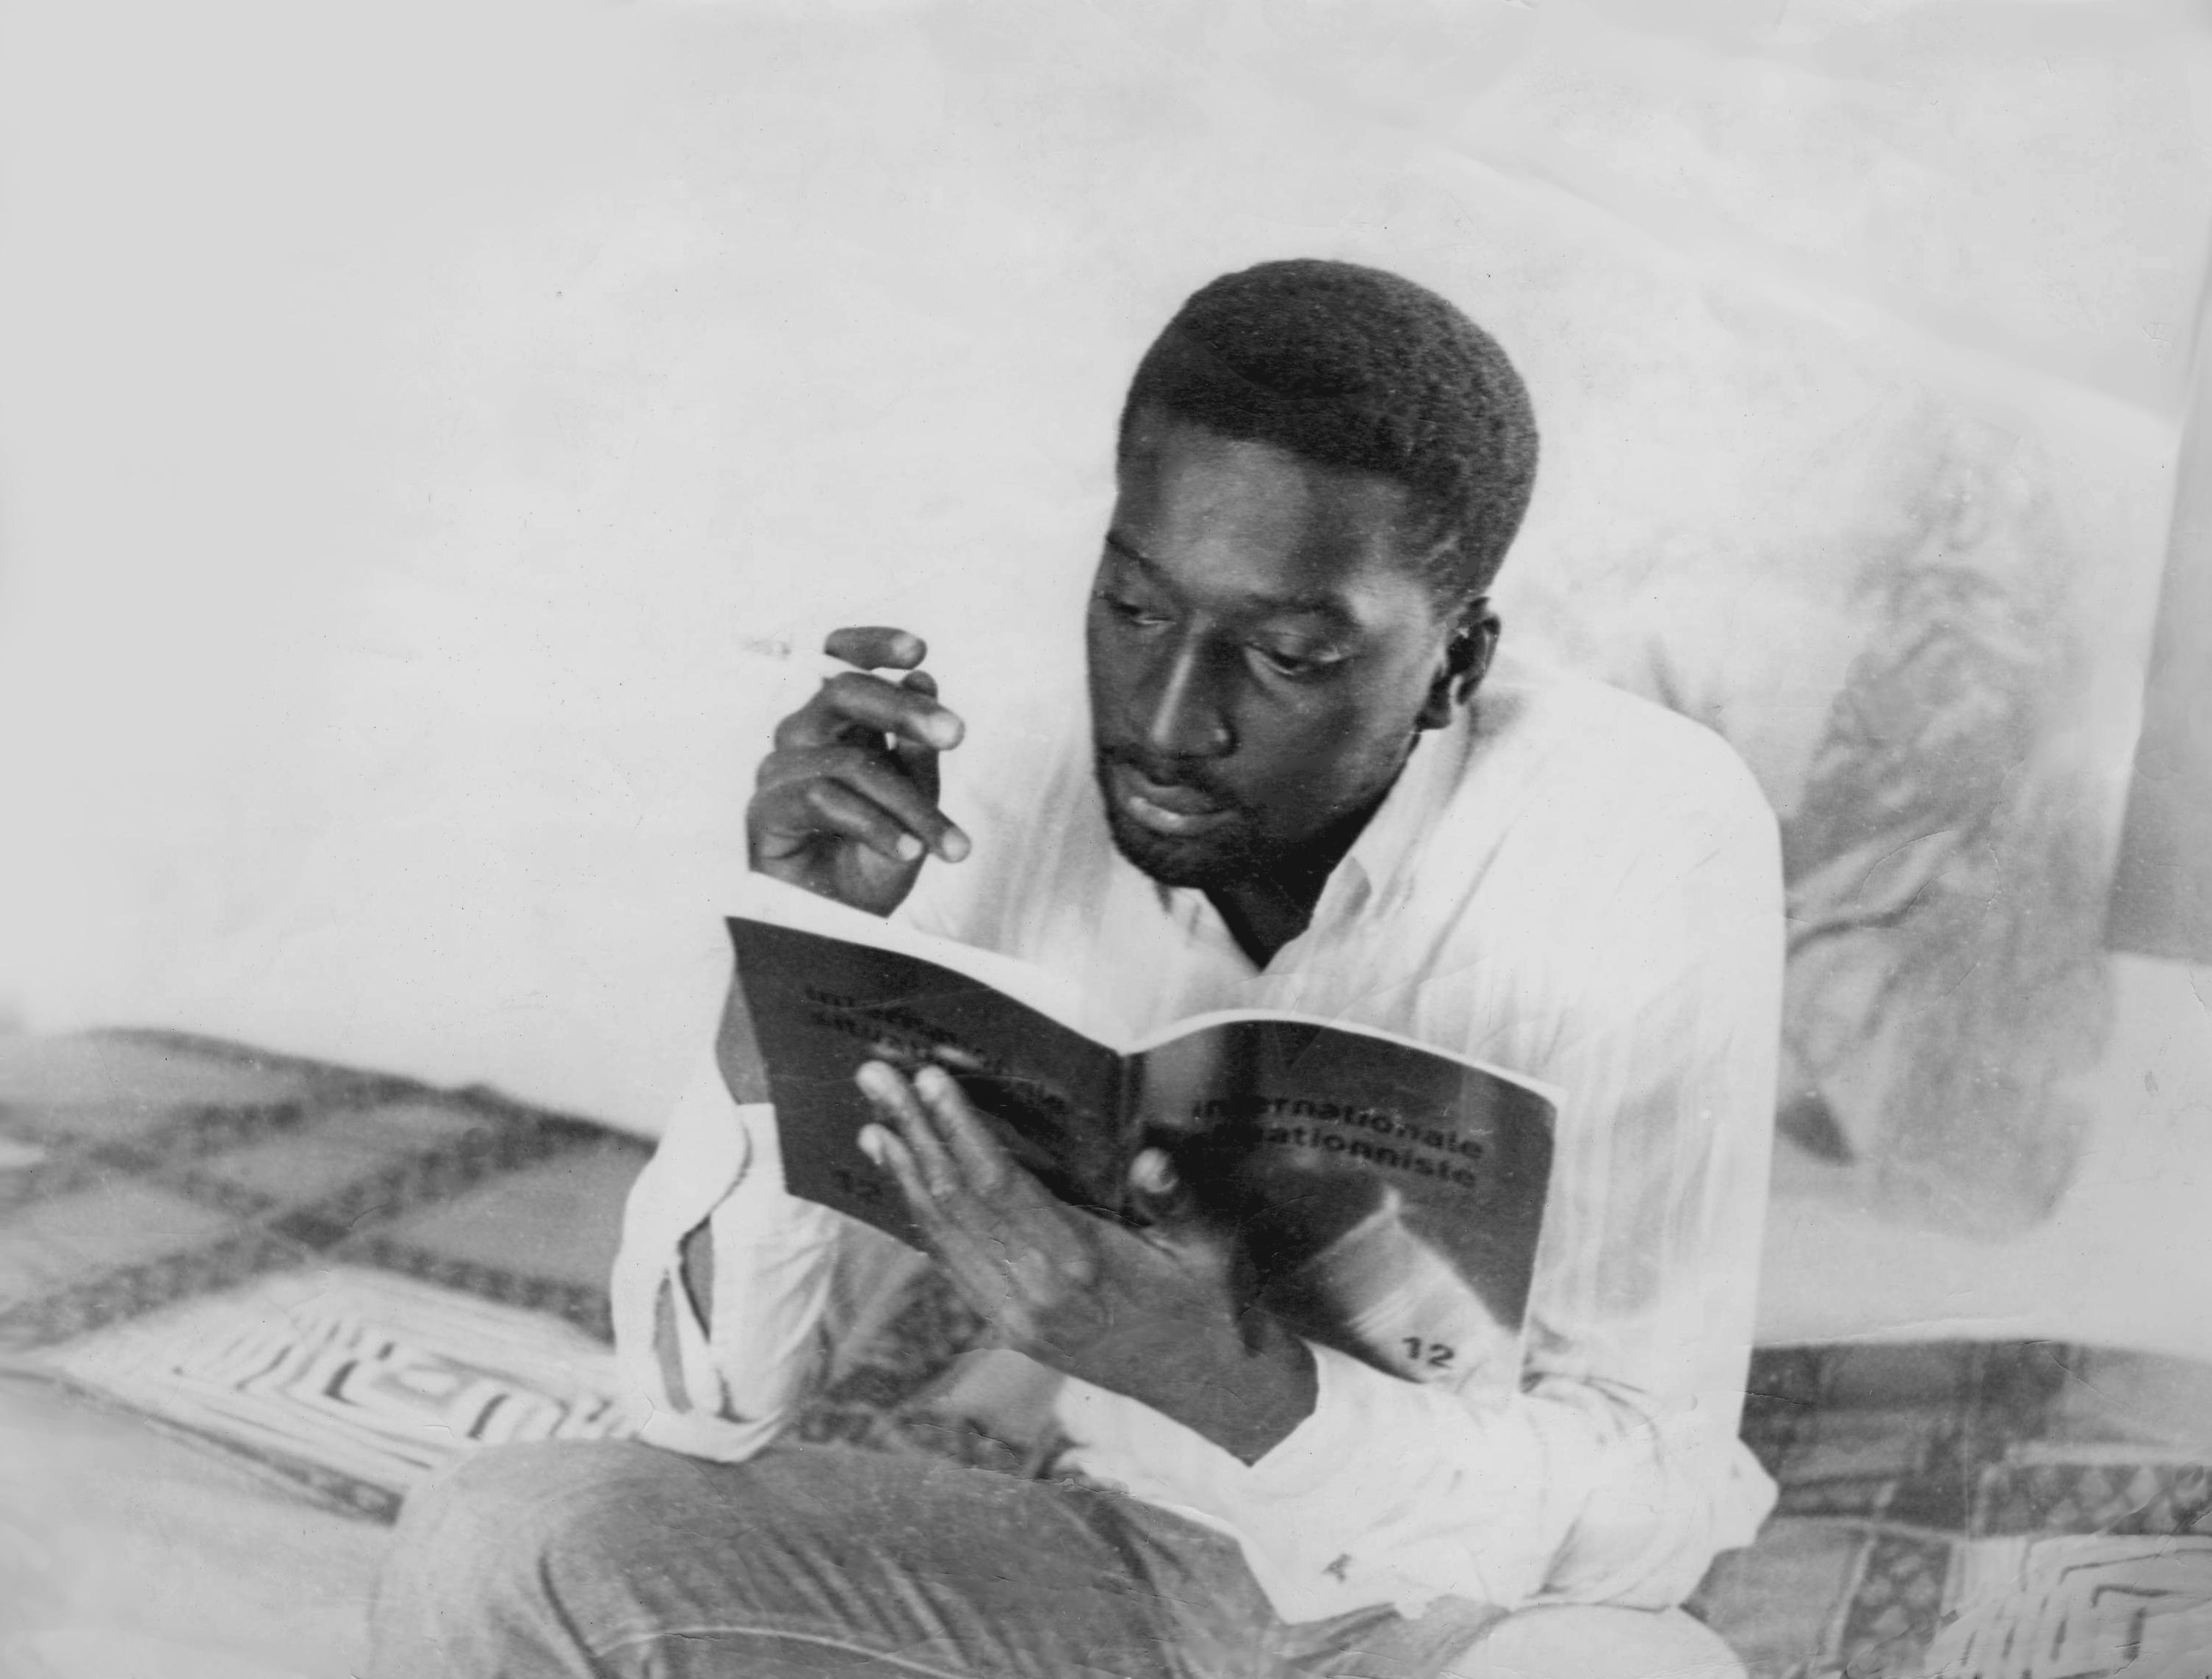 Dialo Diop raconte comment Oumar Blondin Diop a été assassiné